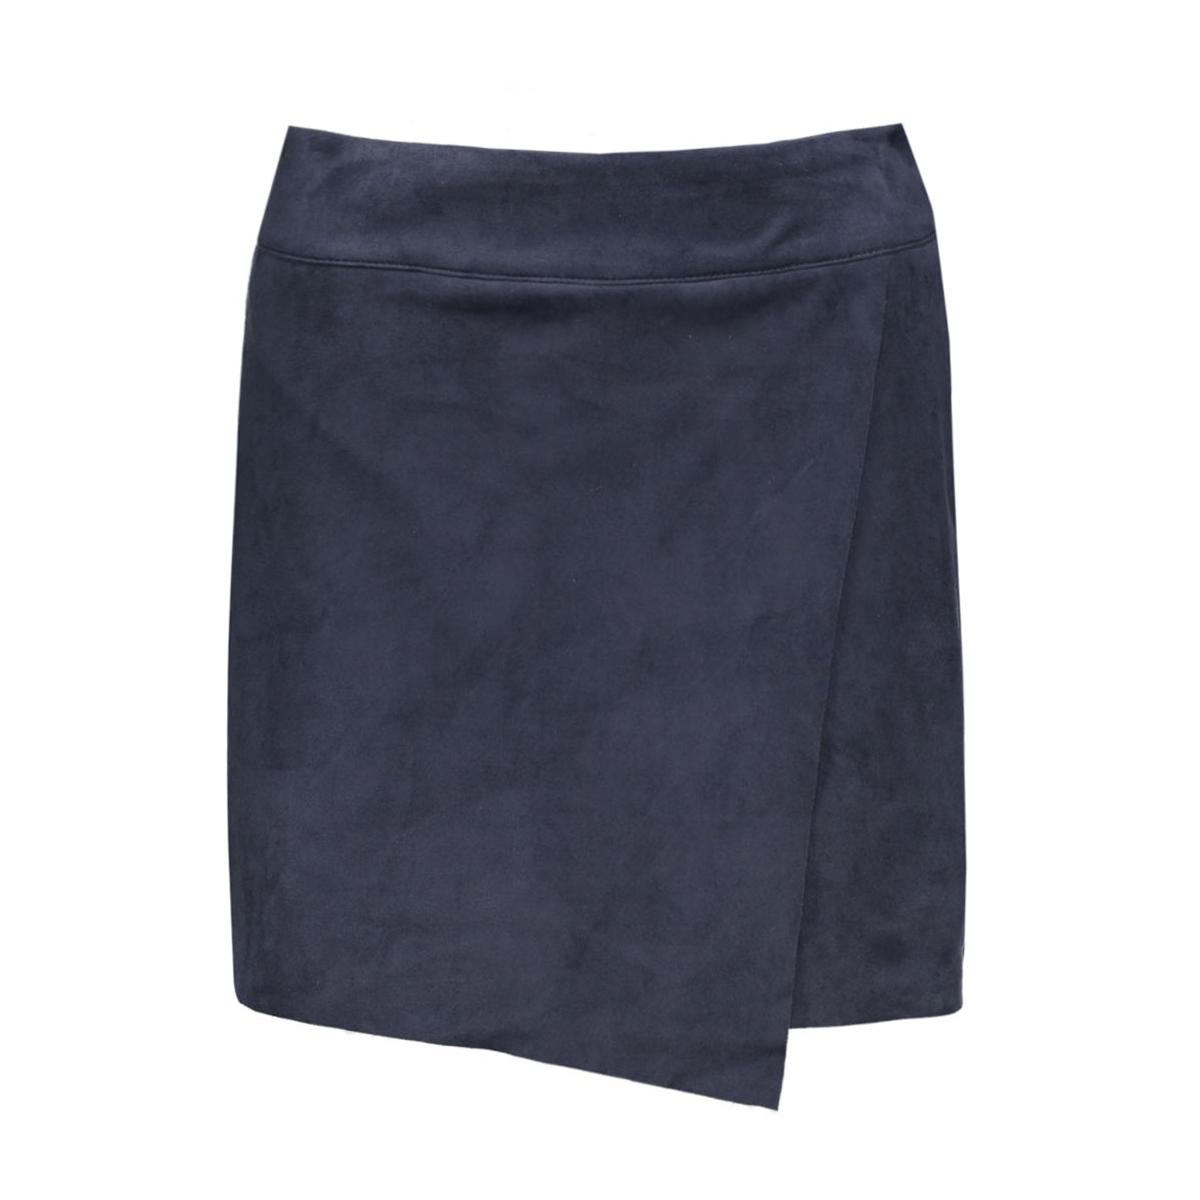 vmmaddie creme short nw fake suede 10159544 vero moda rok navy blazer